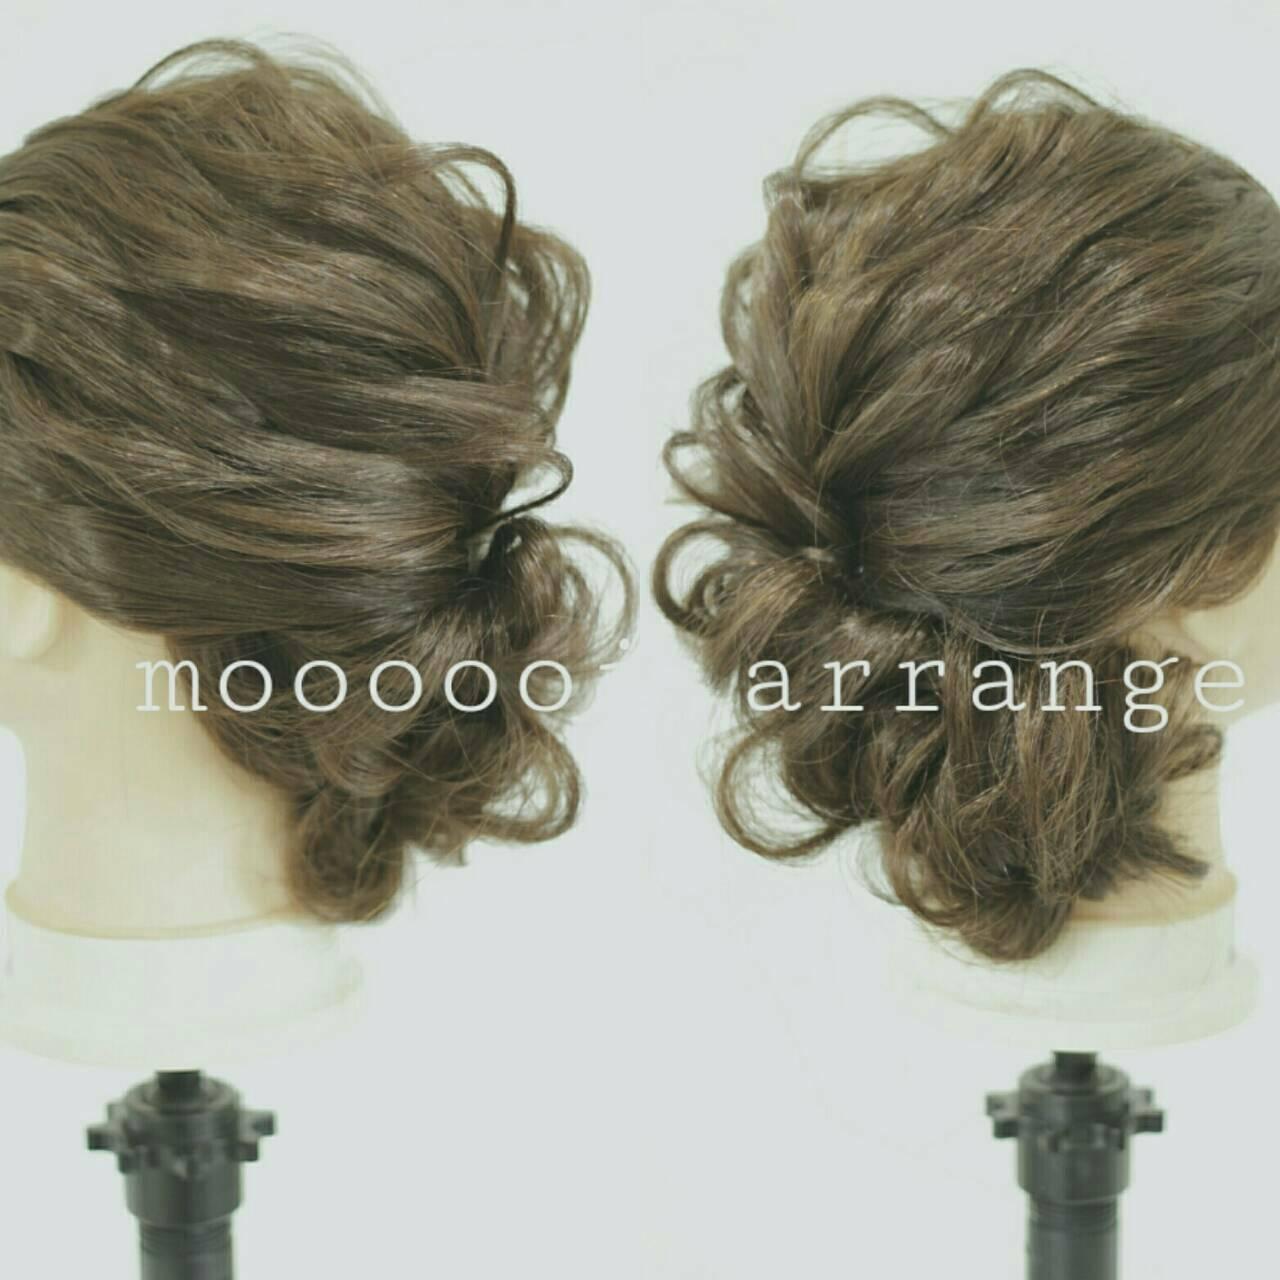 ショート ゆるふわ 大人かわいい ヘアアレンジヘアスタイルや髪型の写真・画像